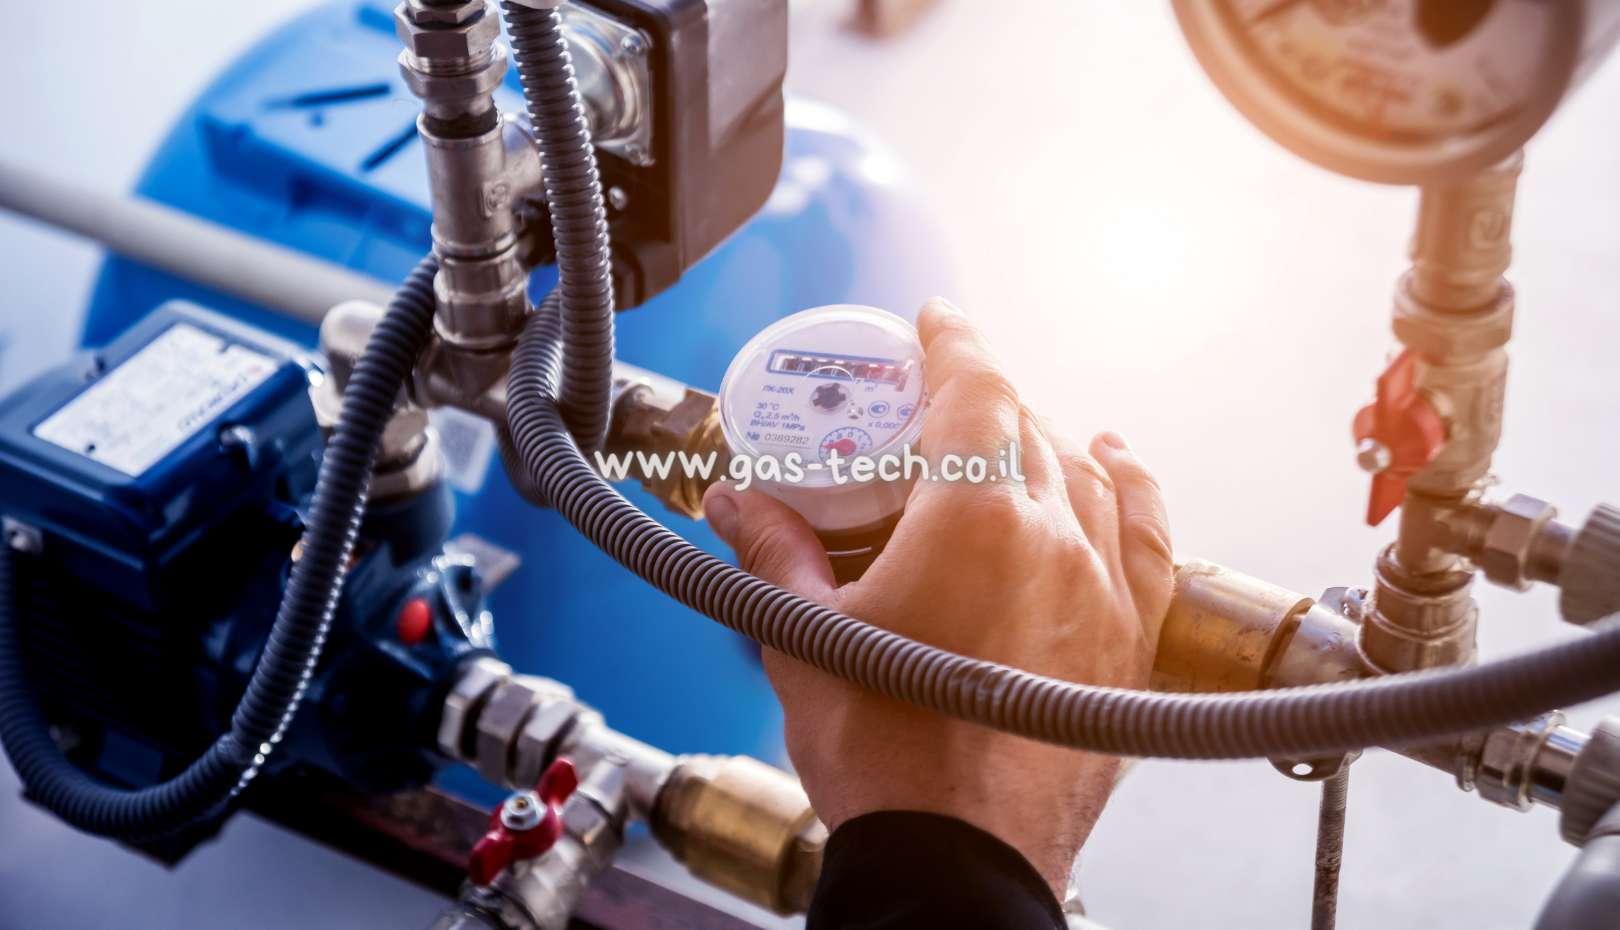 טכנאי גז בודק שעון גז